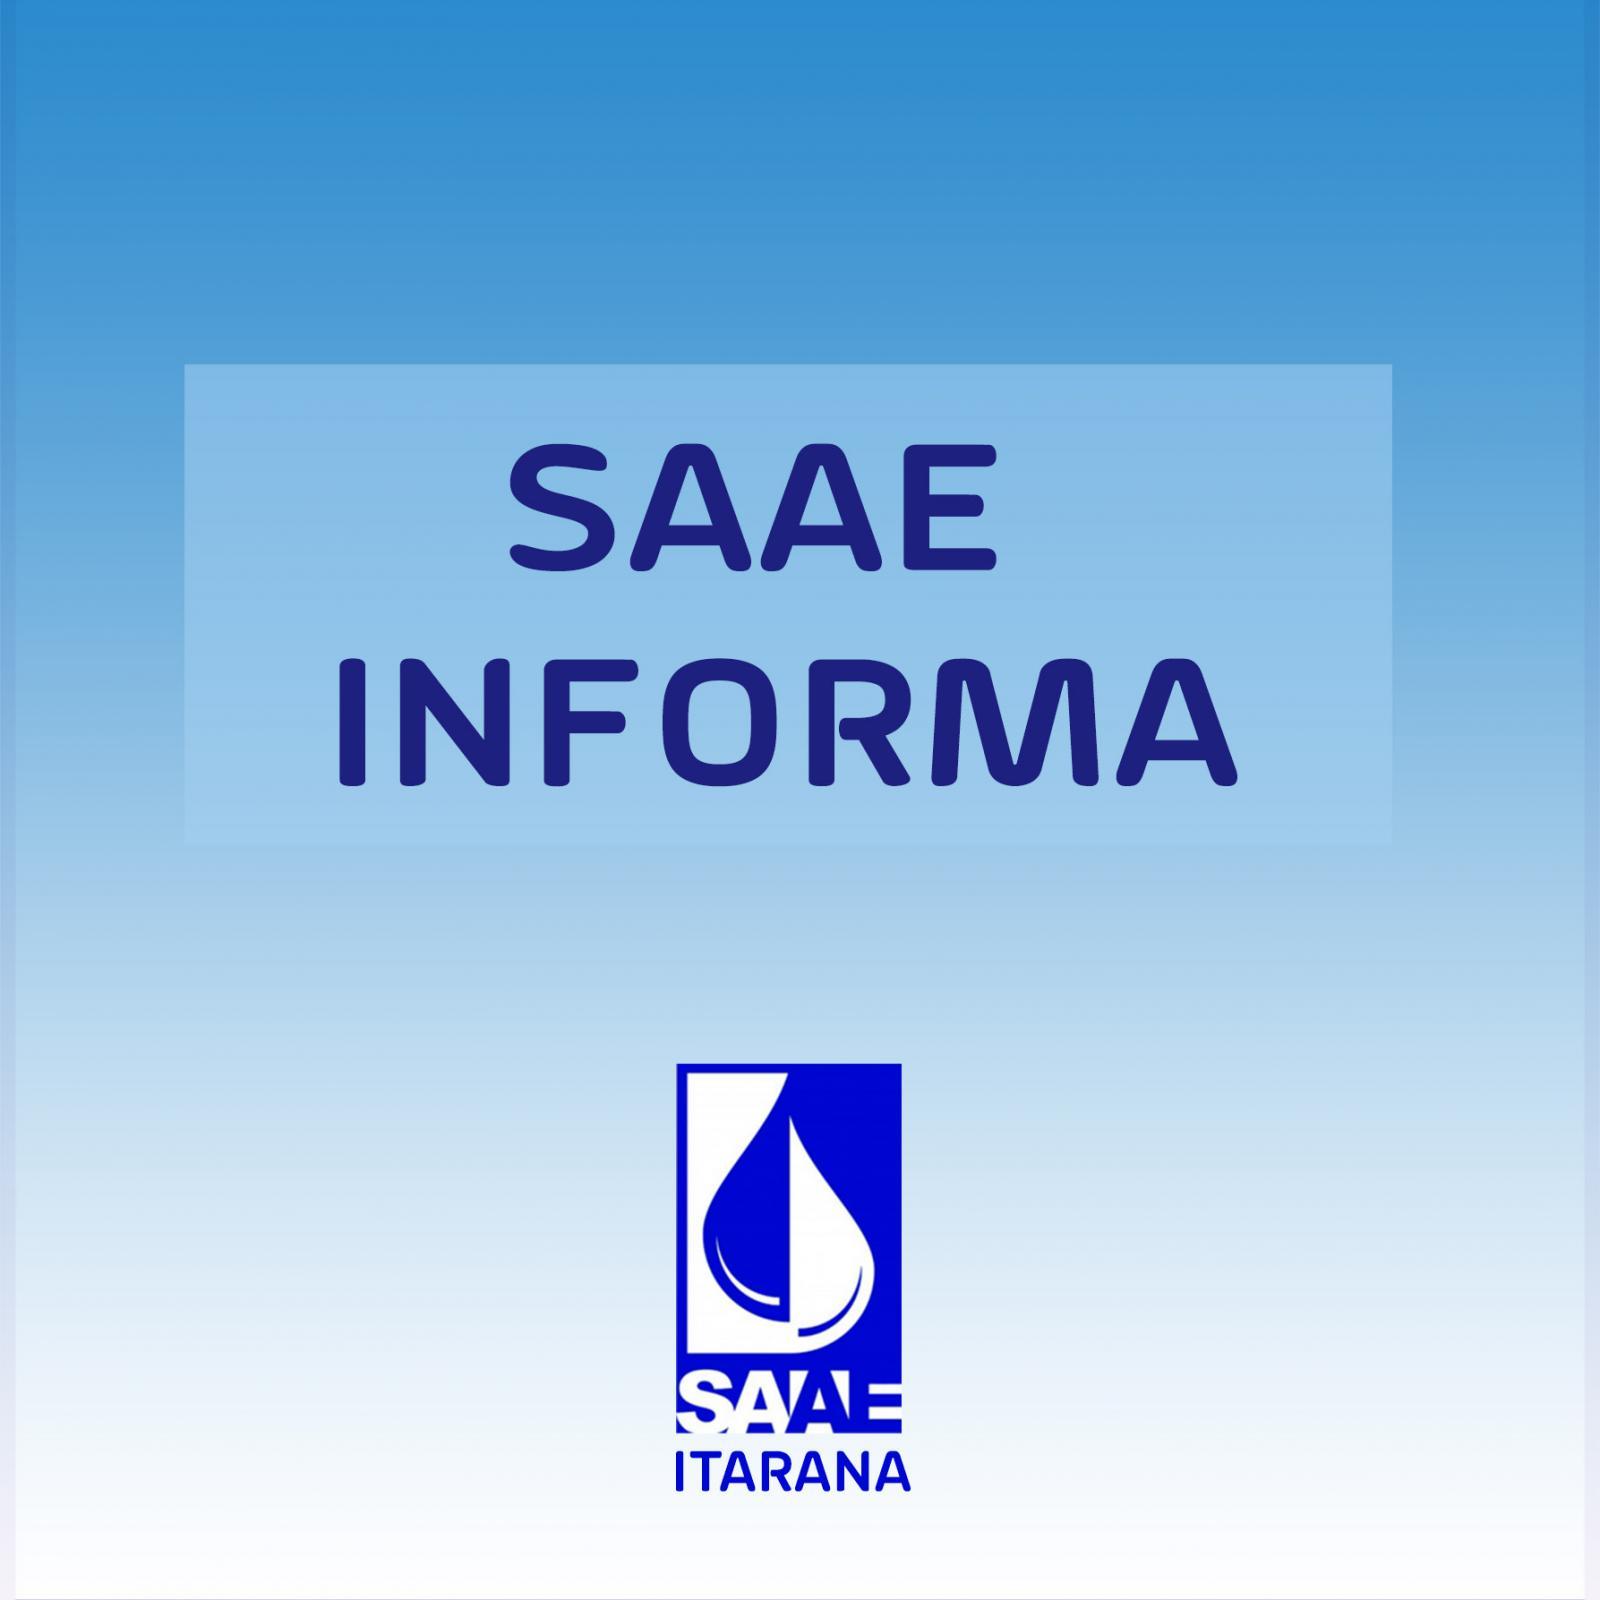 SAAE: Abastecimento de água suspenso nesta quinta-feira, dia 03 de janeiro